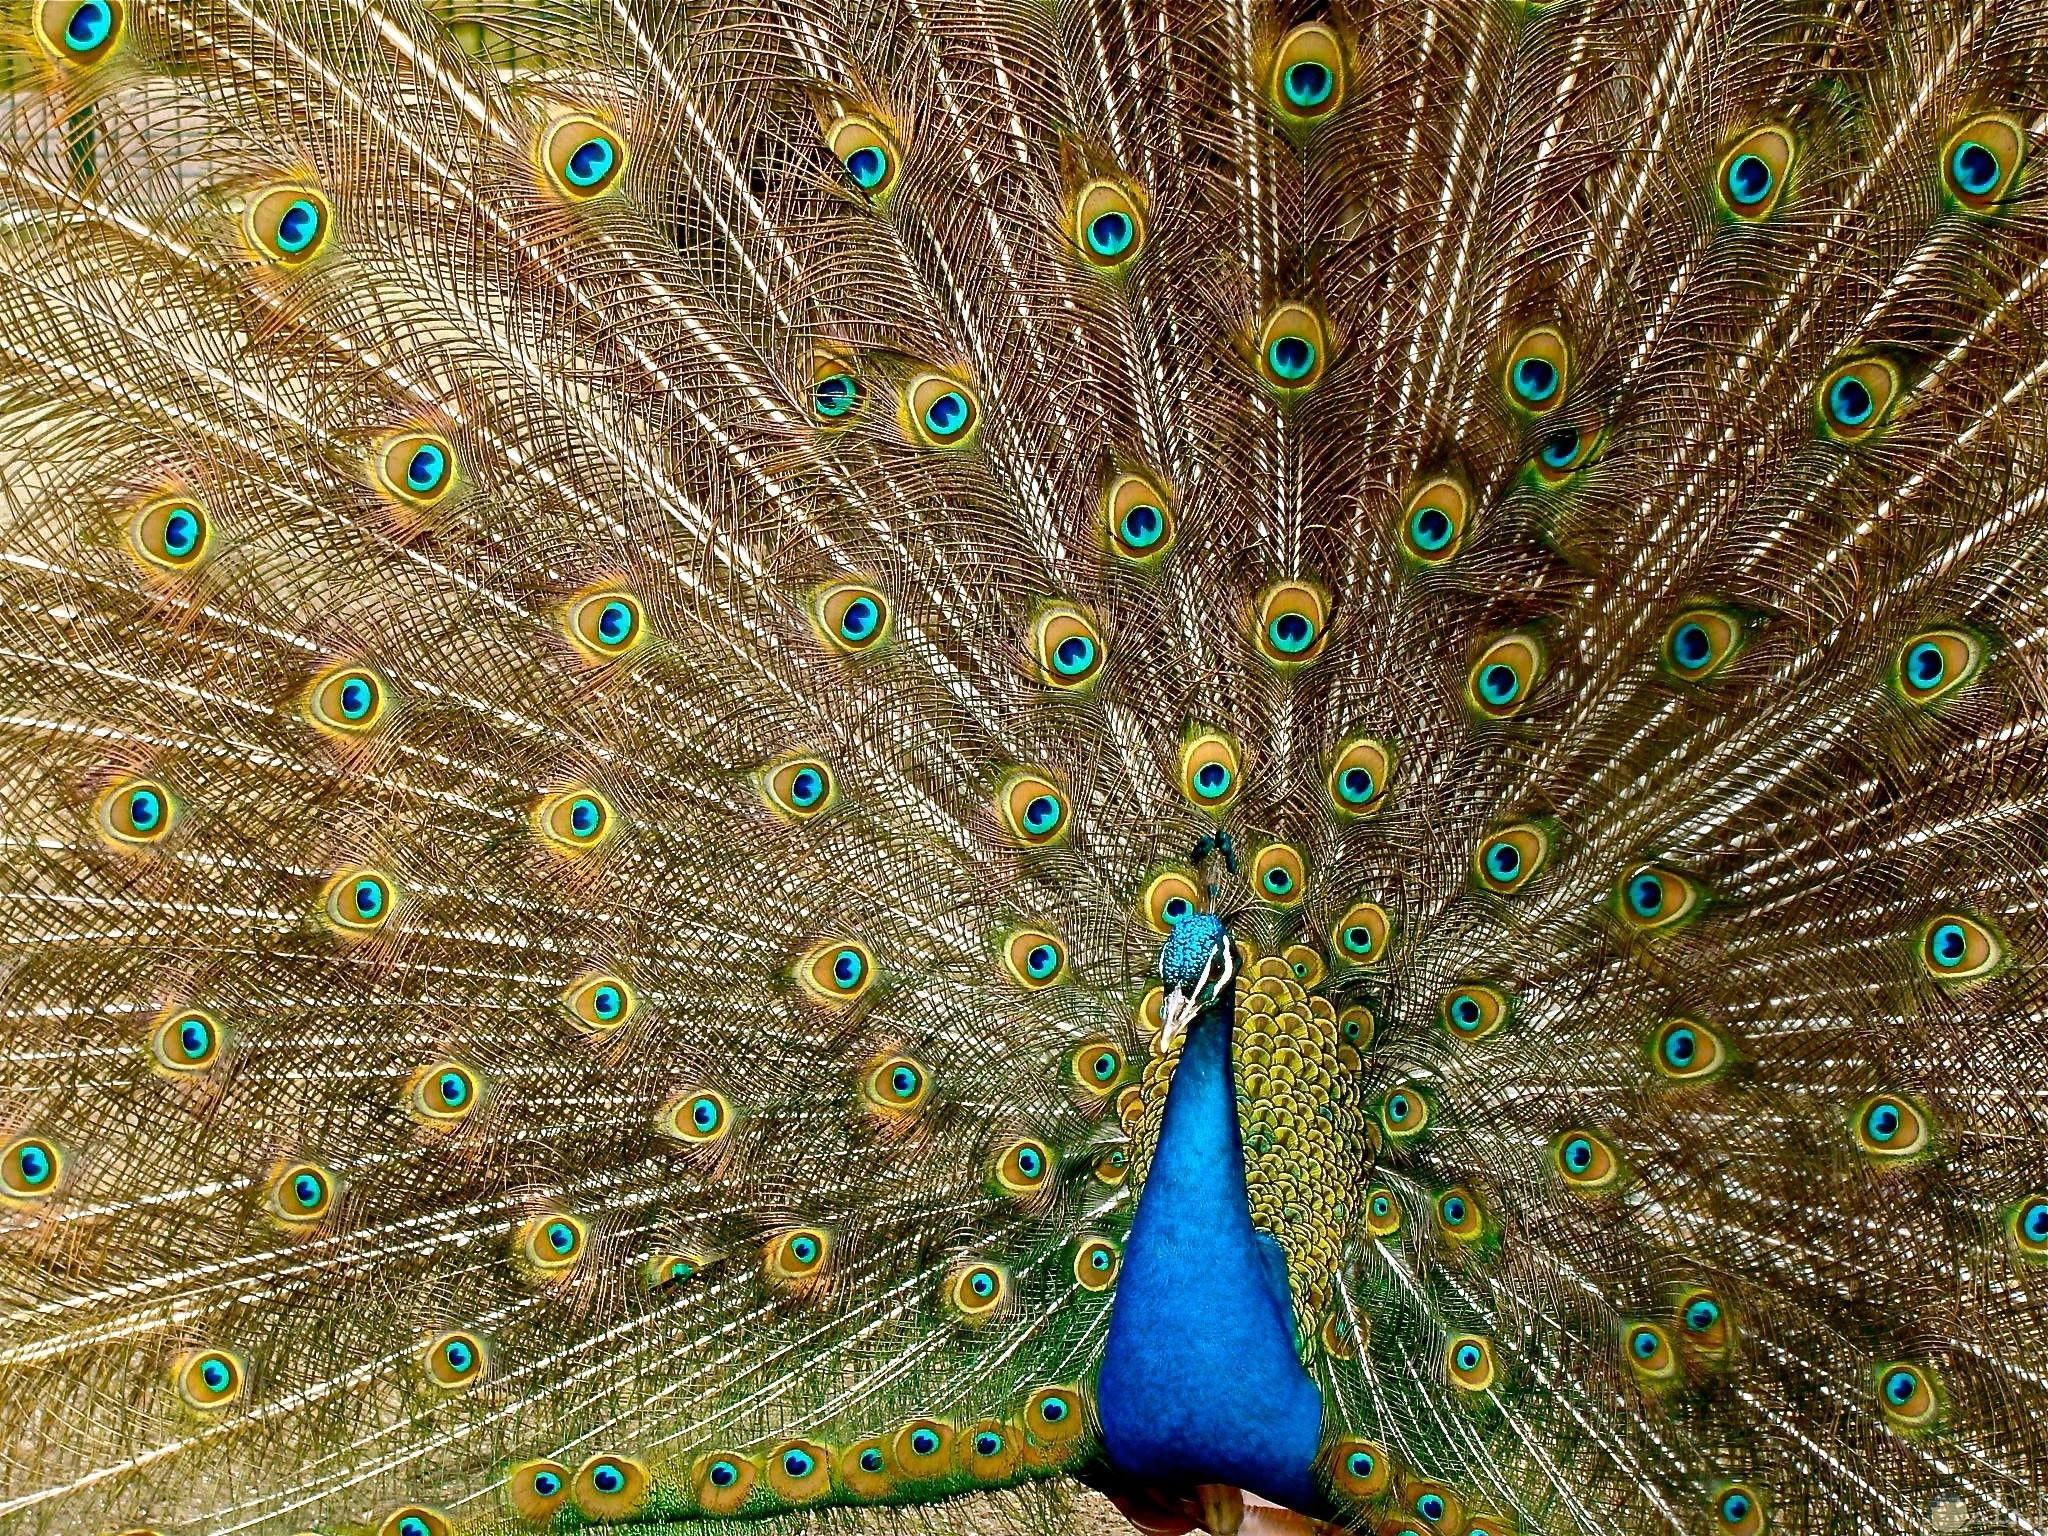 صورة جميلة جدا لحيوان الطاووس الأزرق مميزة وحلوة